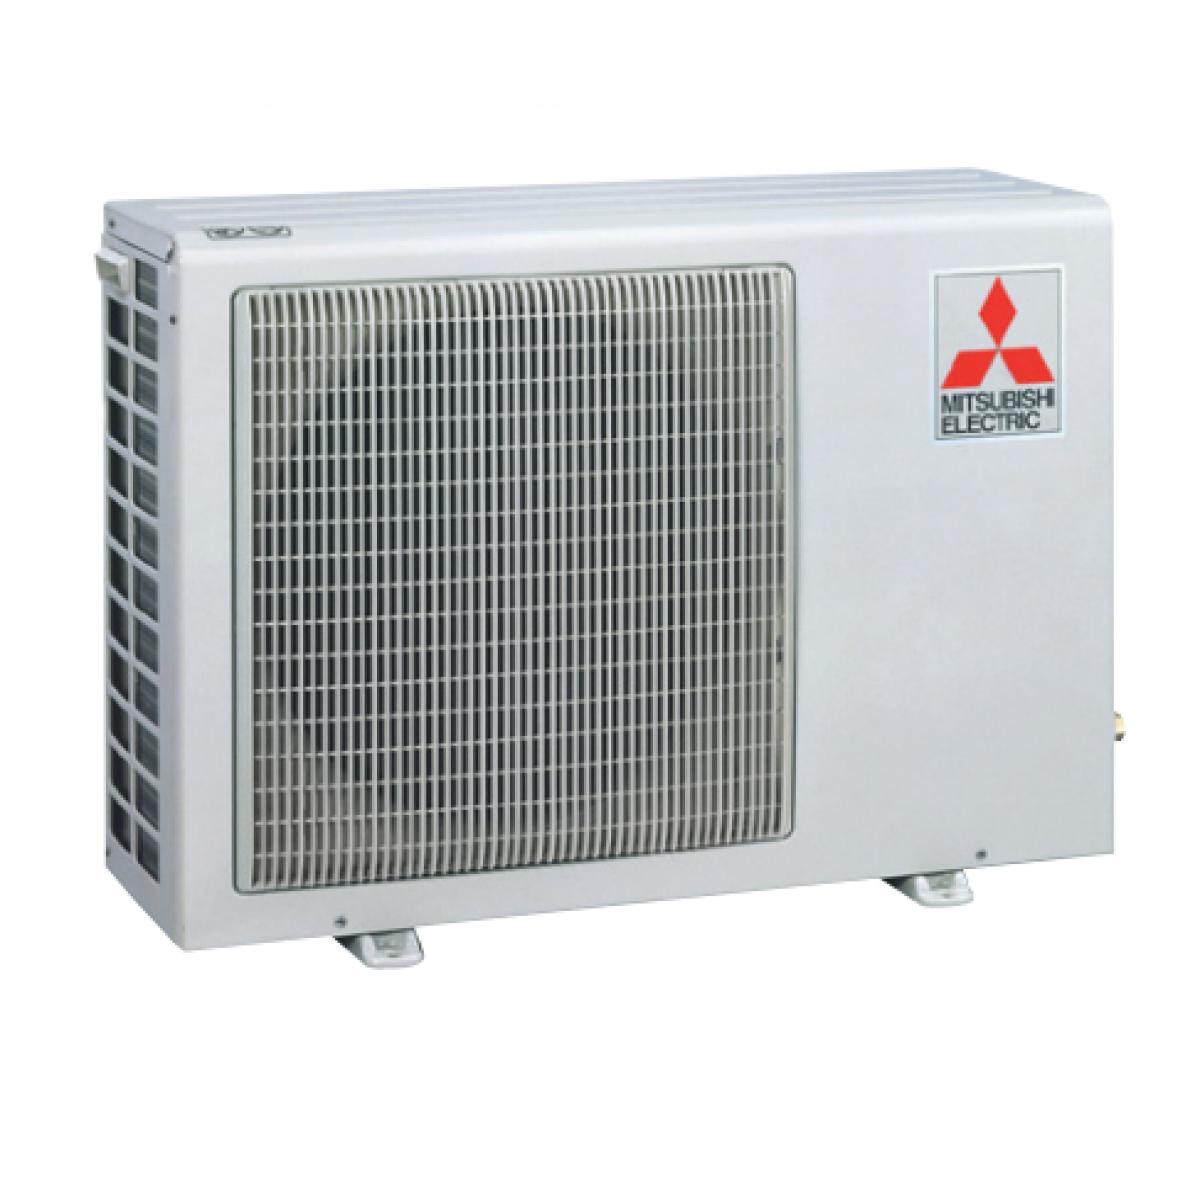 Mitsubishi 12 000 Btu Heat Pump W Ceiling Recessed Indoor